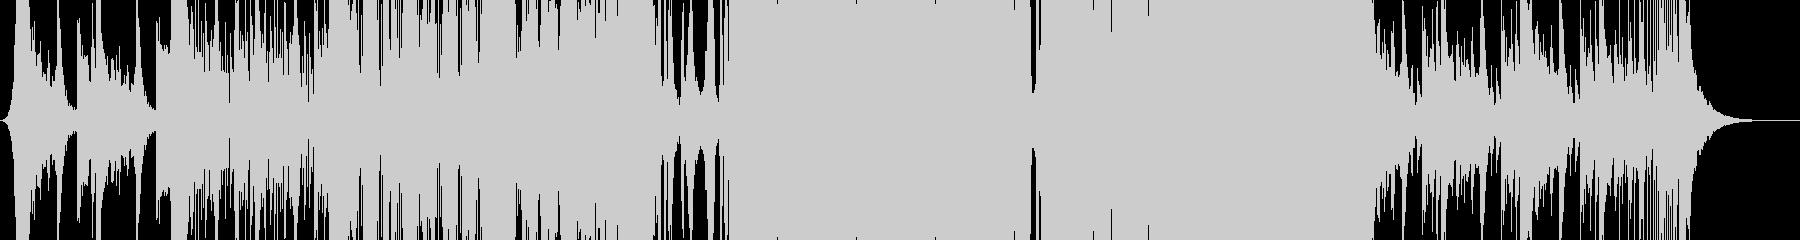 日本風なハイブリットトラップの未再生の波形